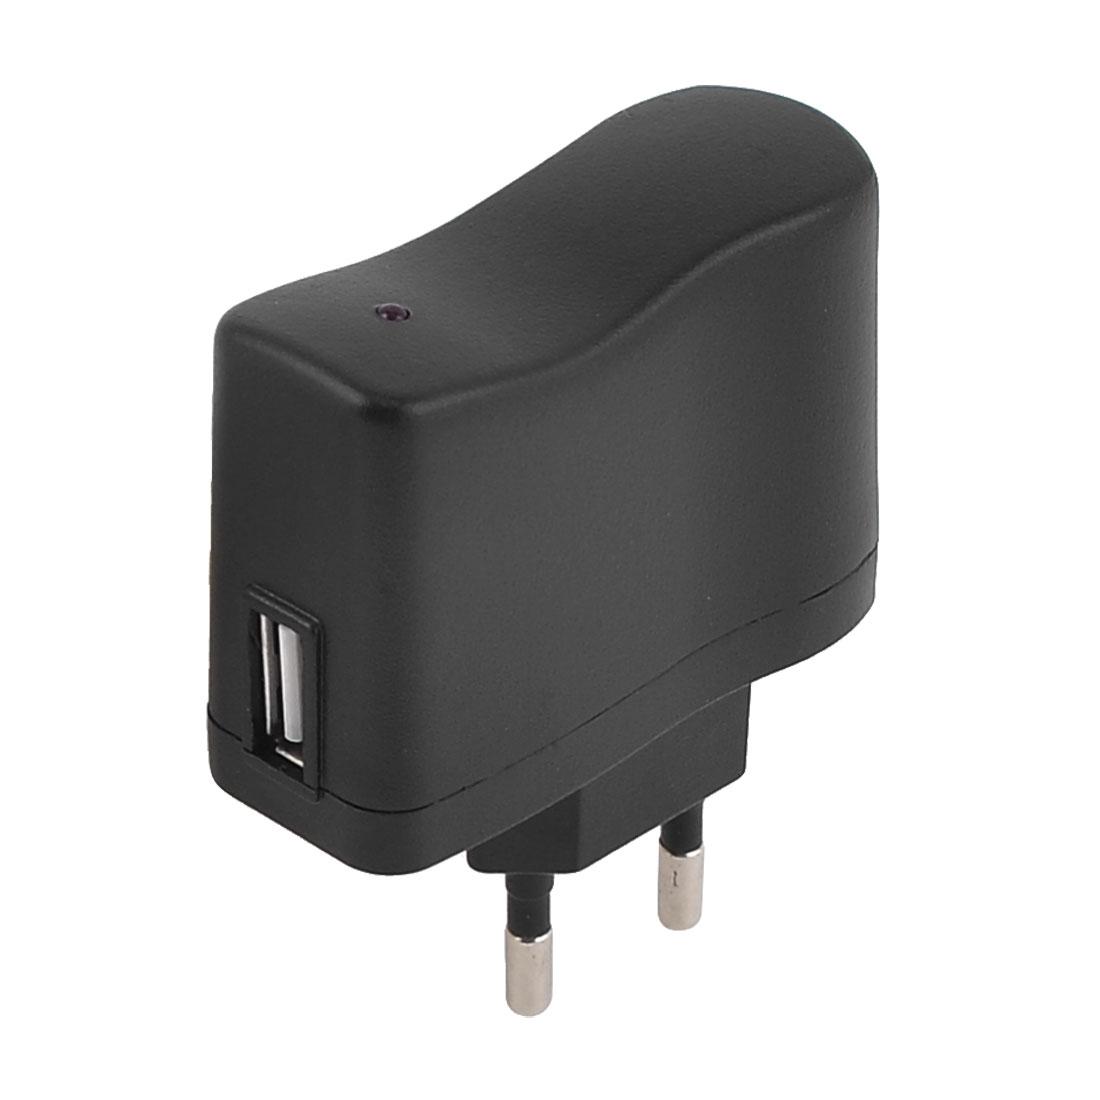 Home Traveling USB Power Charger Black AC 100-240V 50/60Hz 0.1A EU Plug